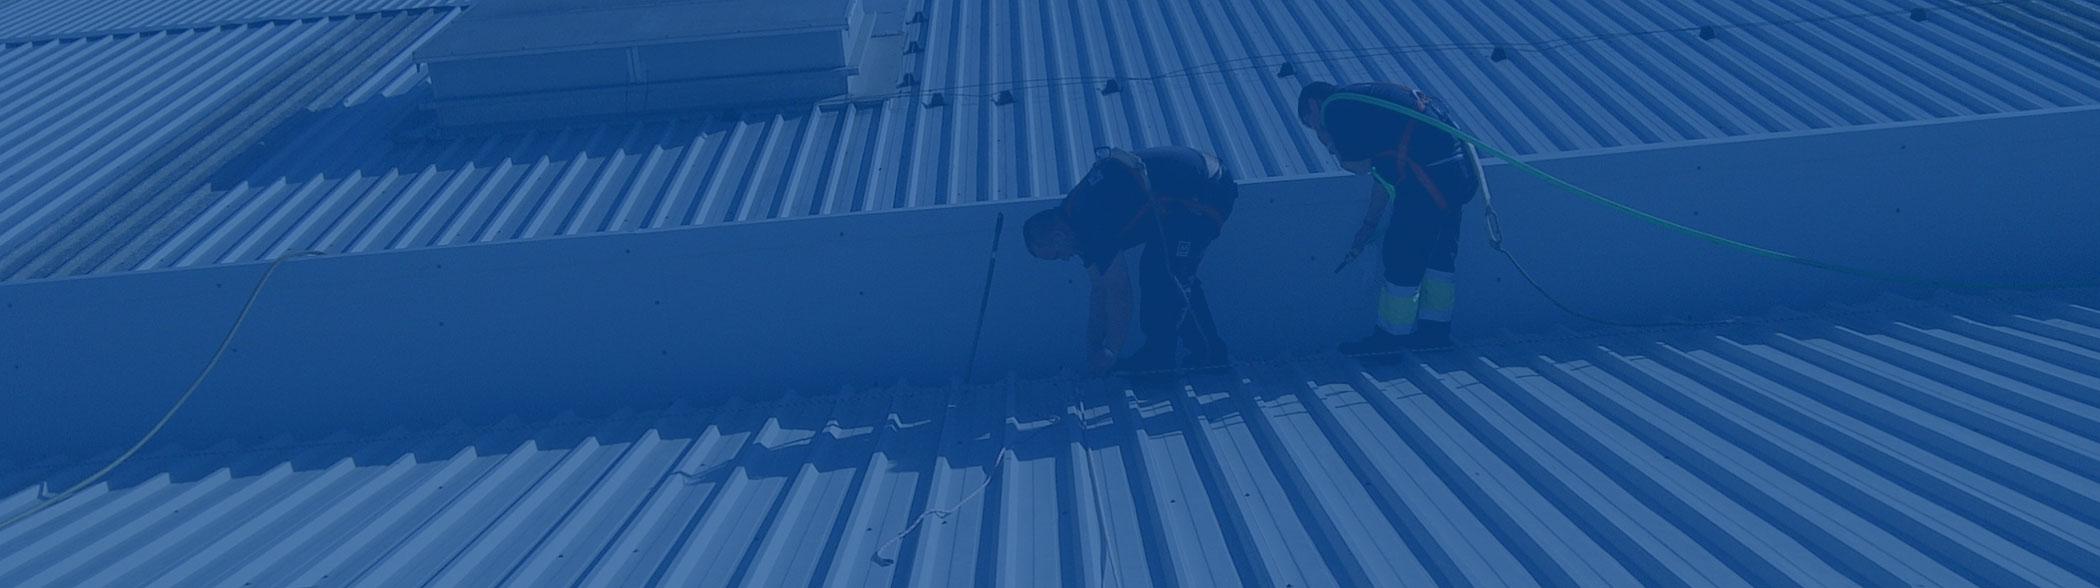 servicios-tecnicos-mullor-limpieza-de-techados